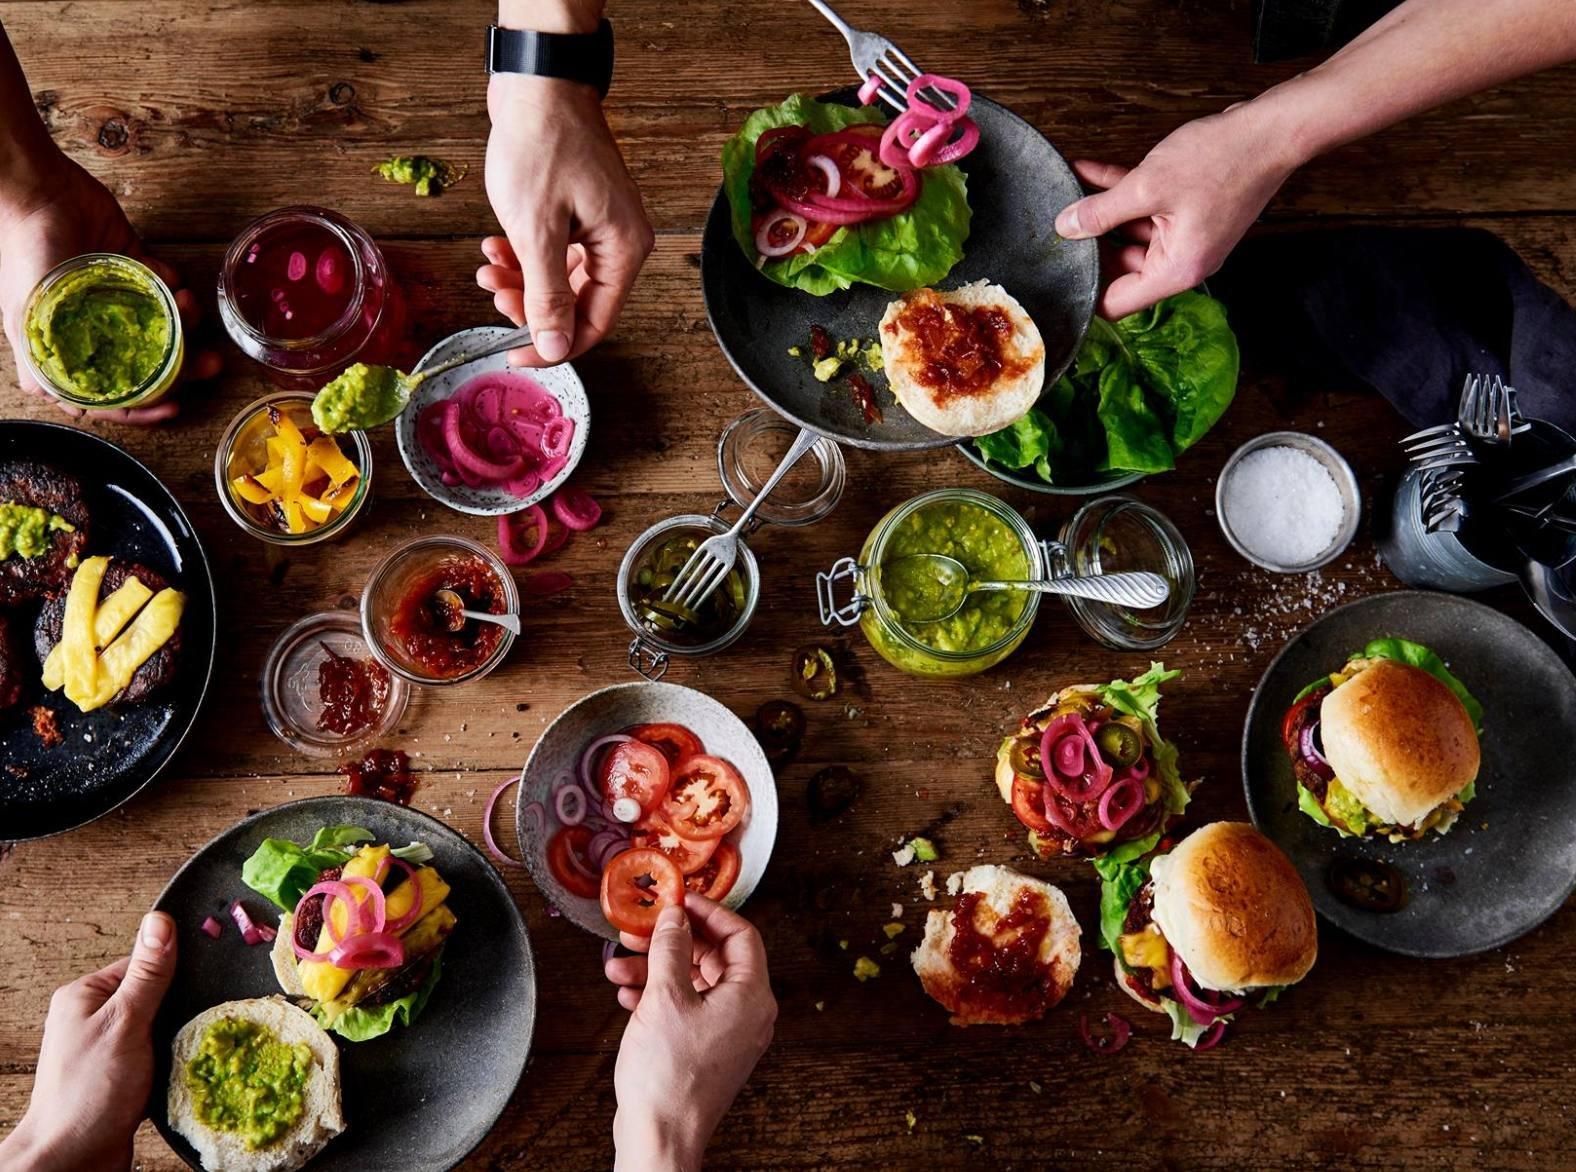 Resultado de imagen de vegan food